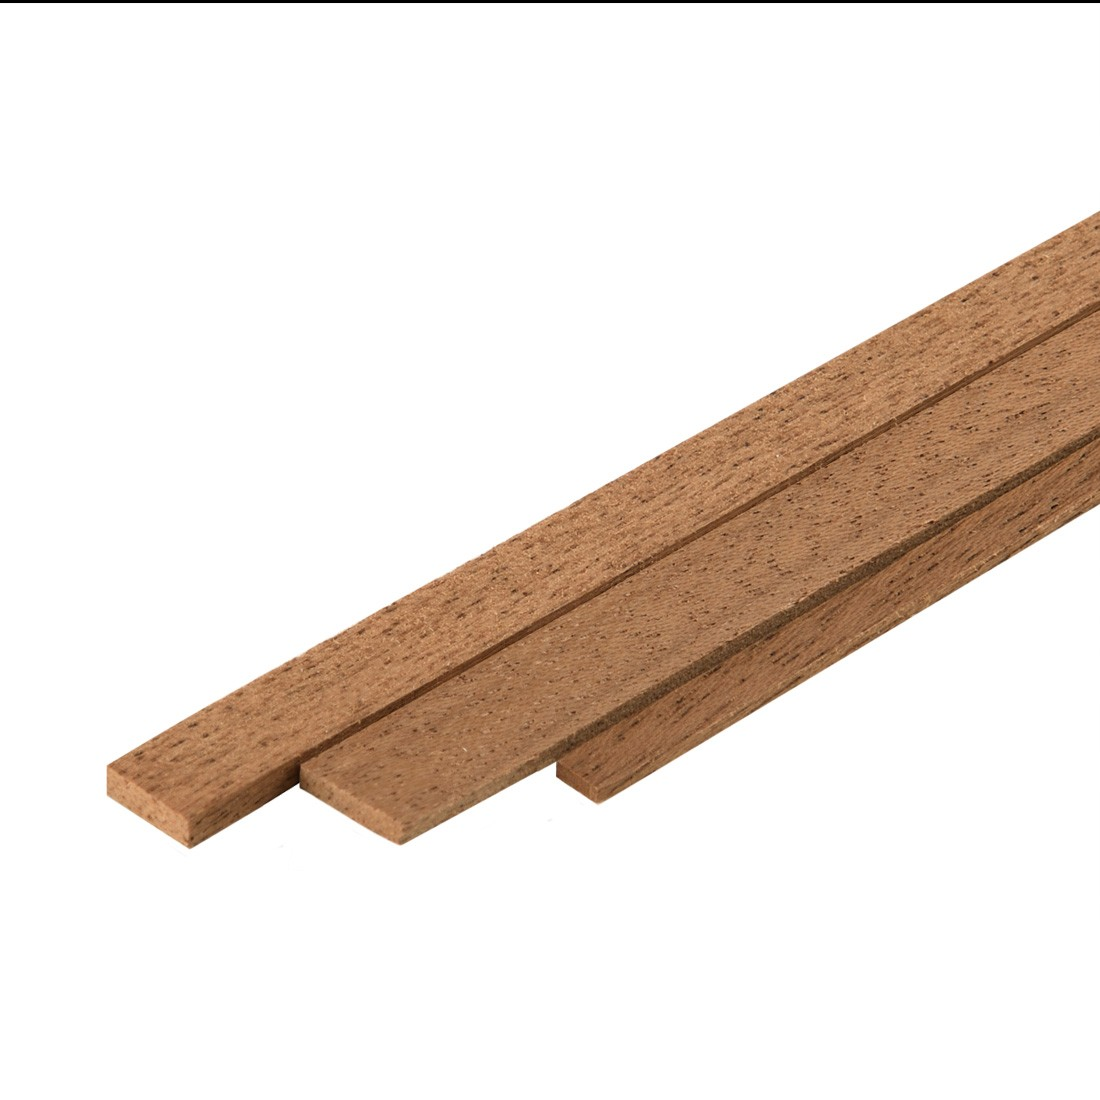 Dibetou strip mm.2x4